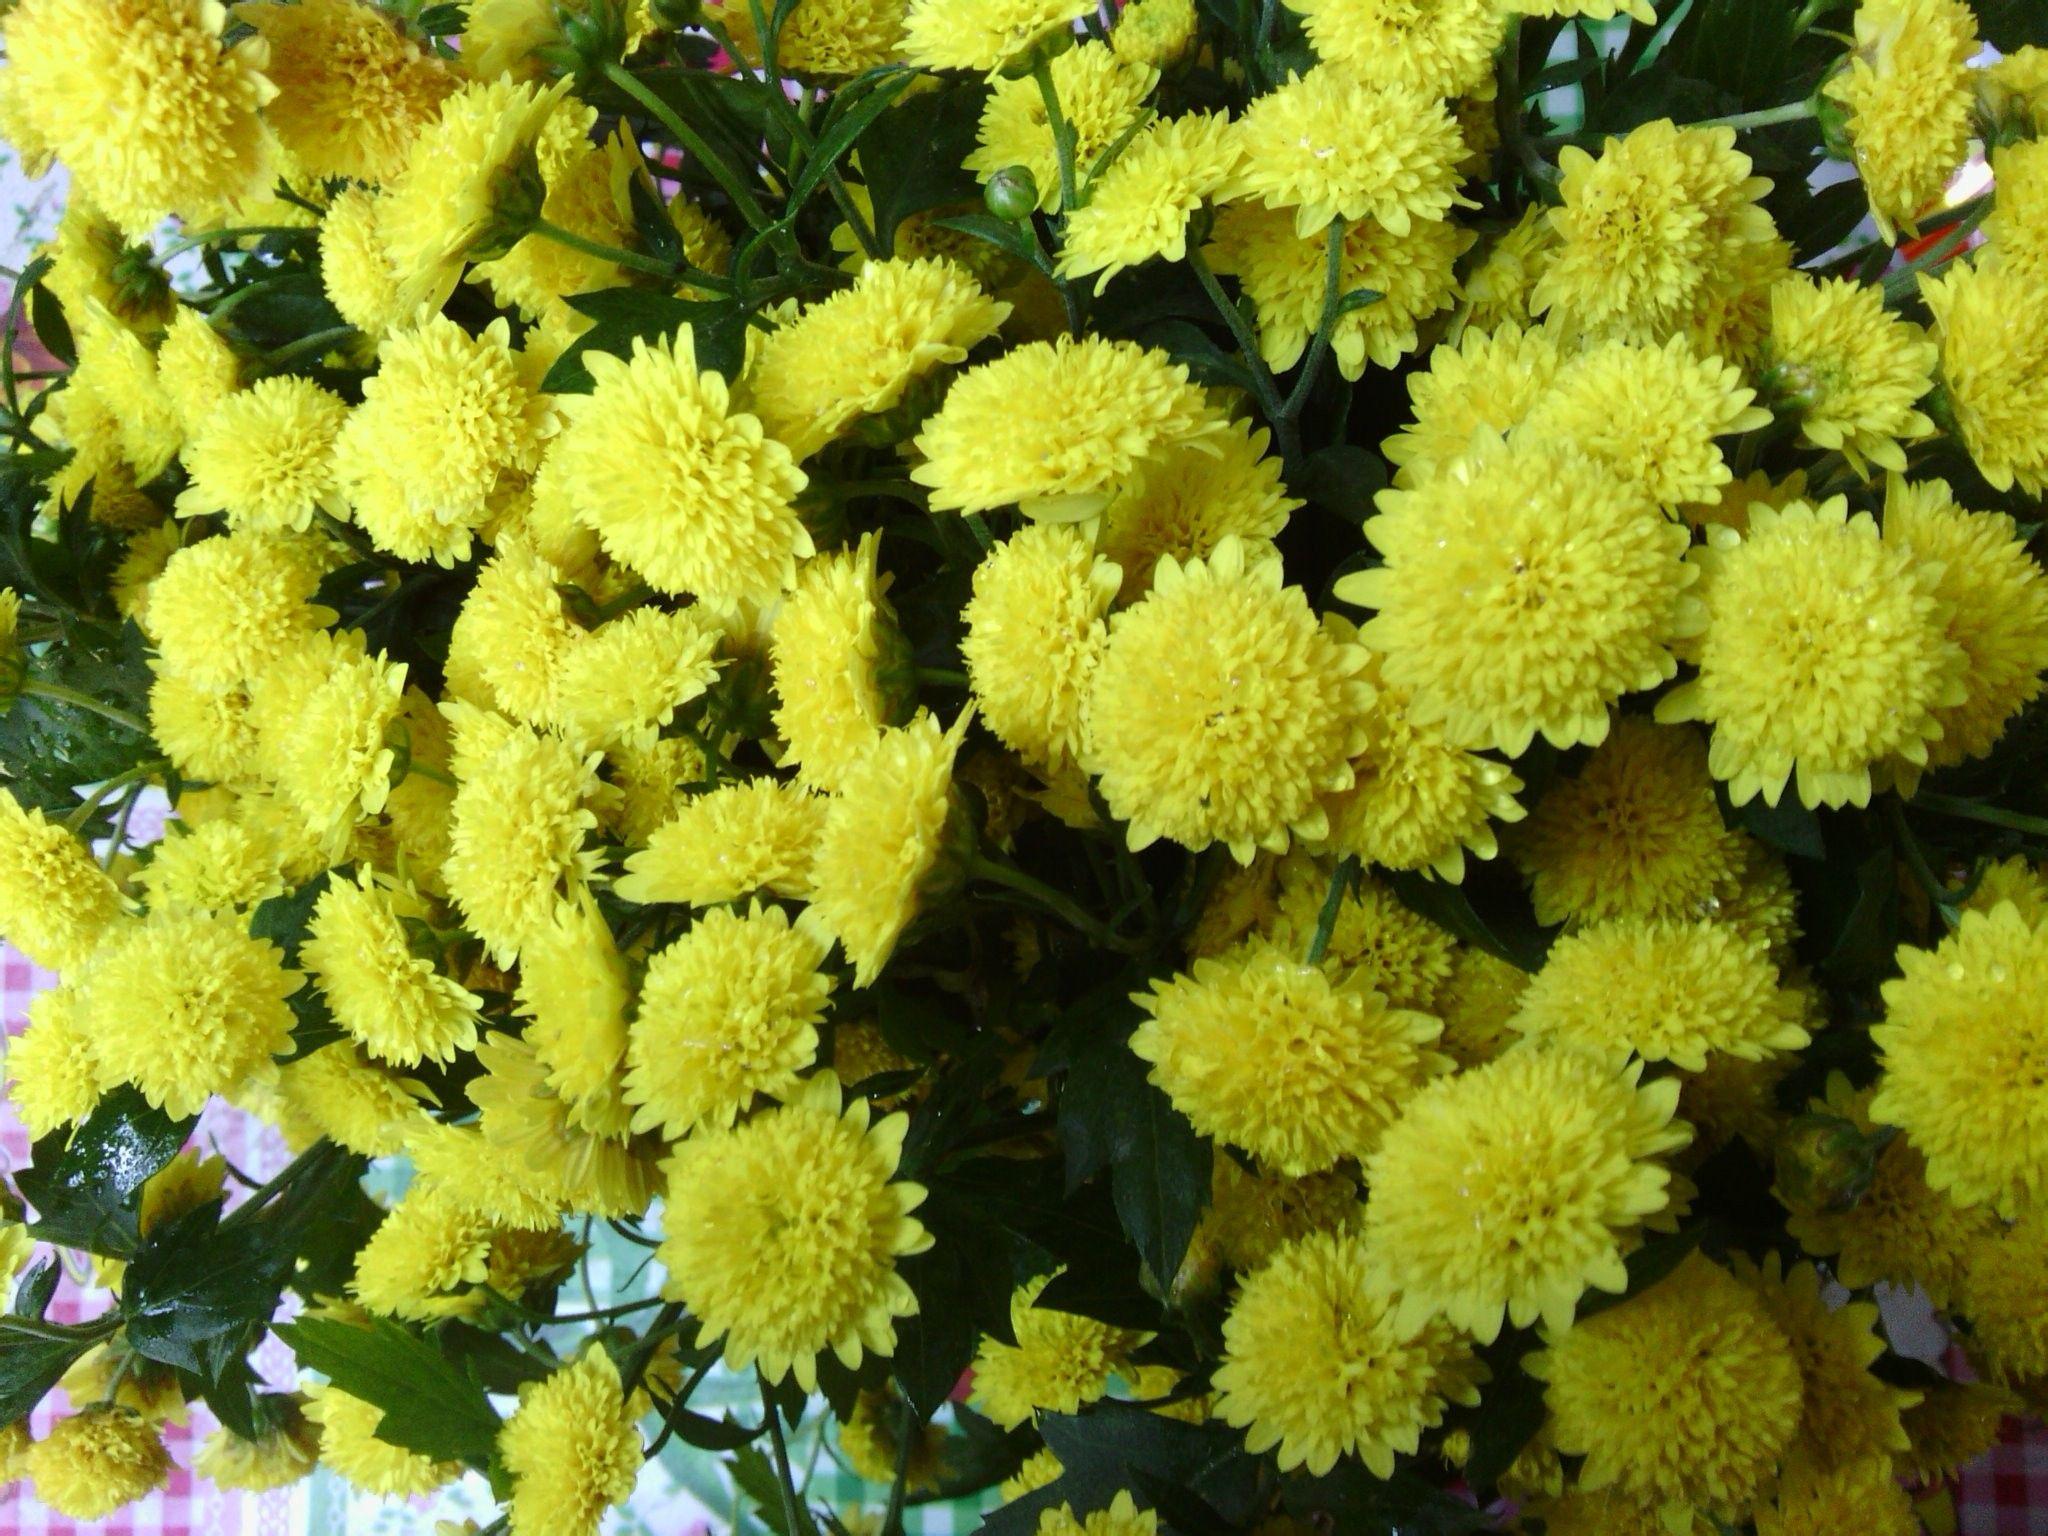 请问谁知道这是什么菊花?是什么品种?